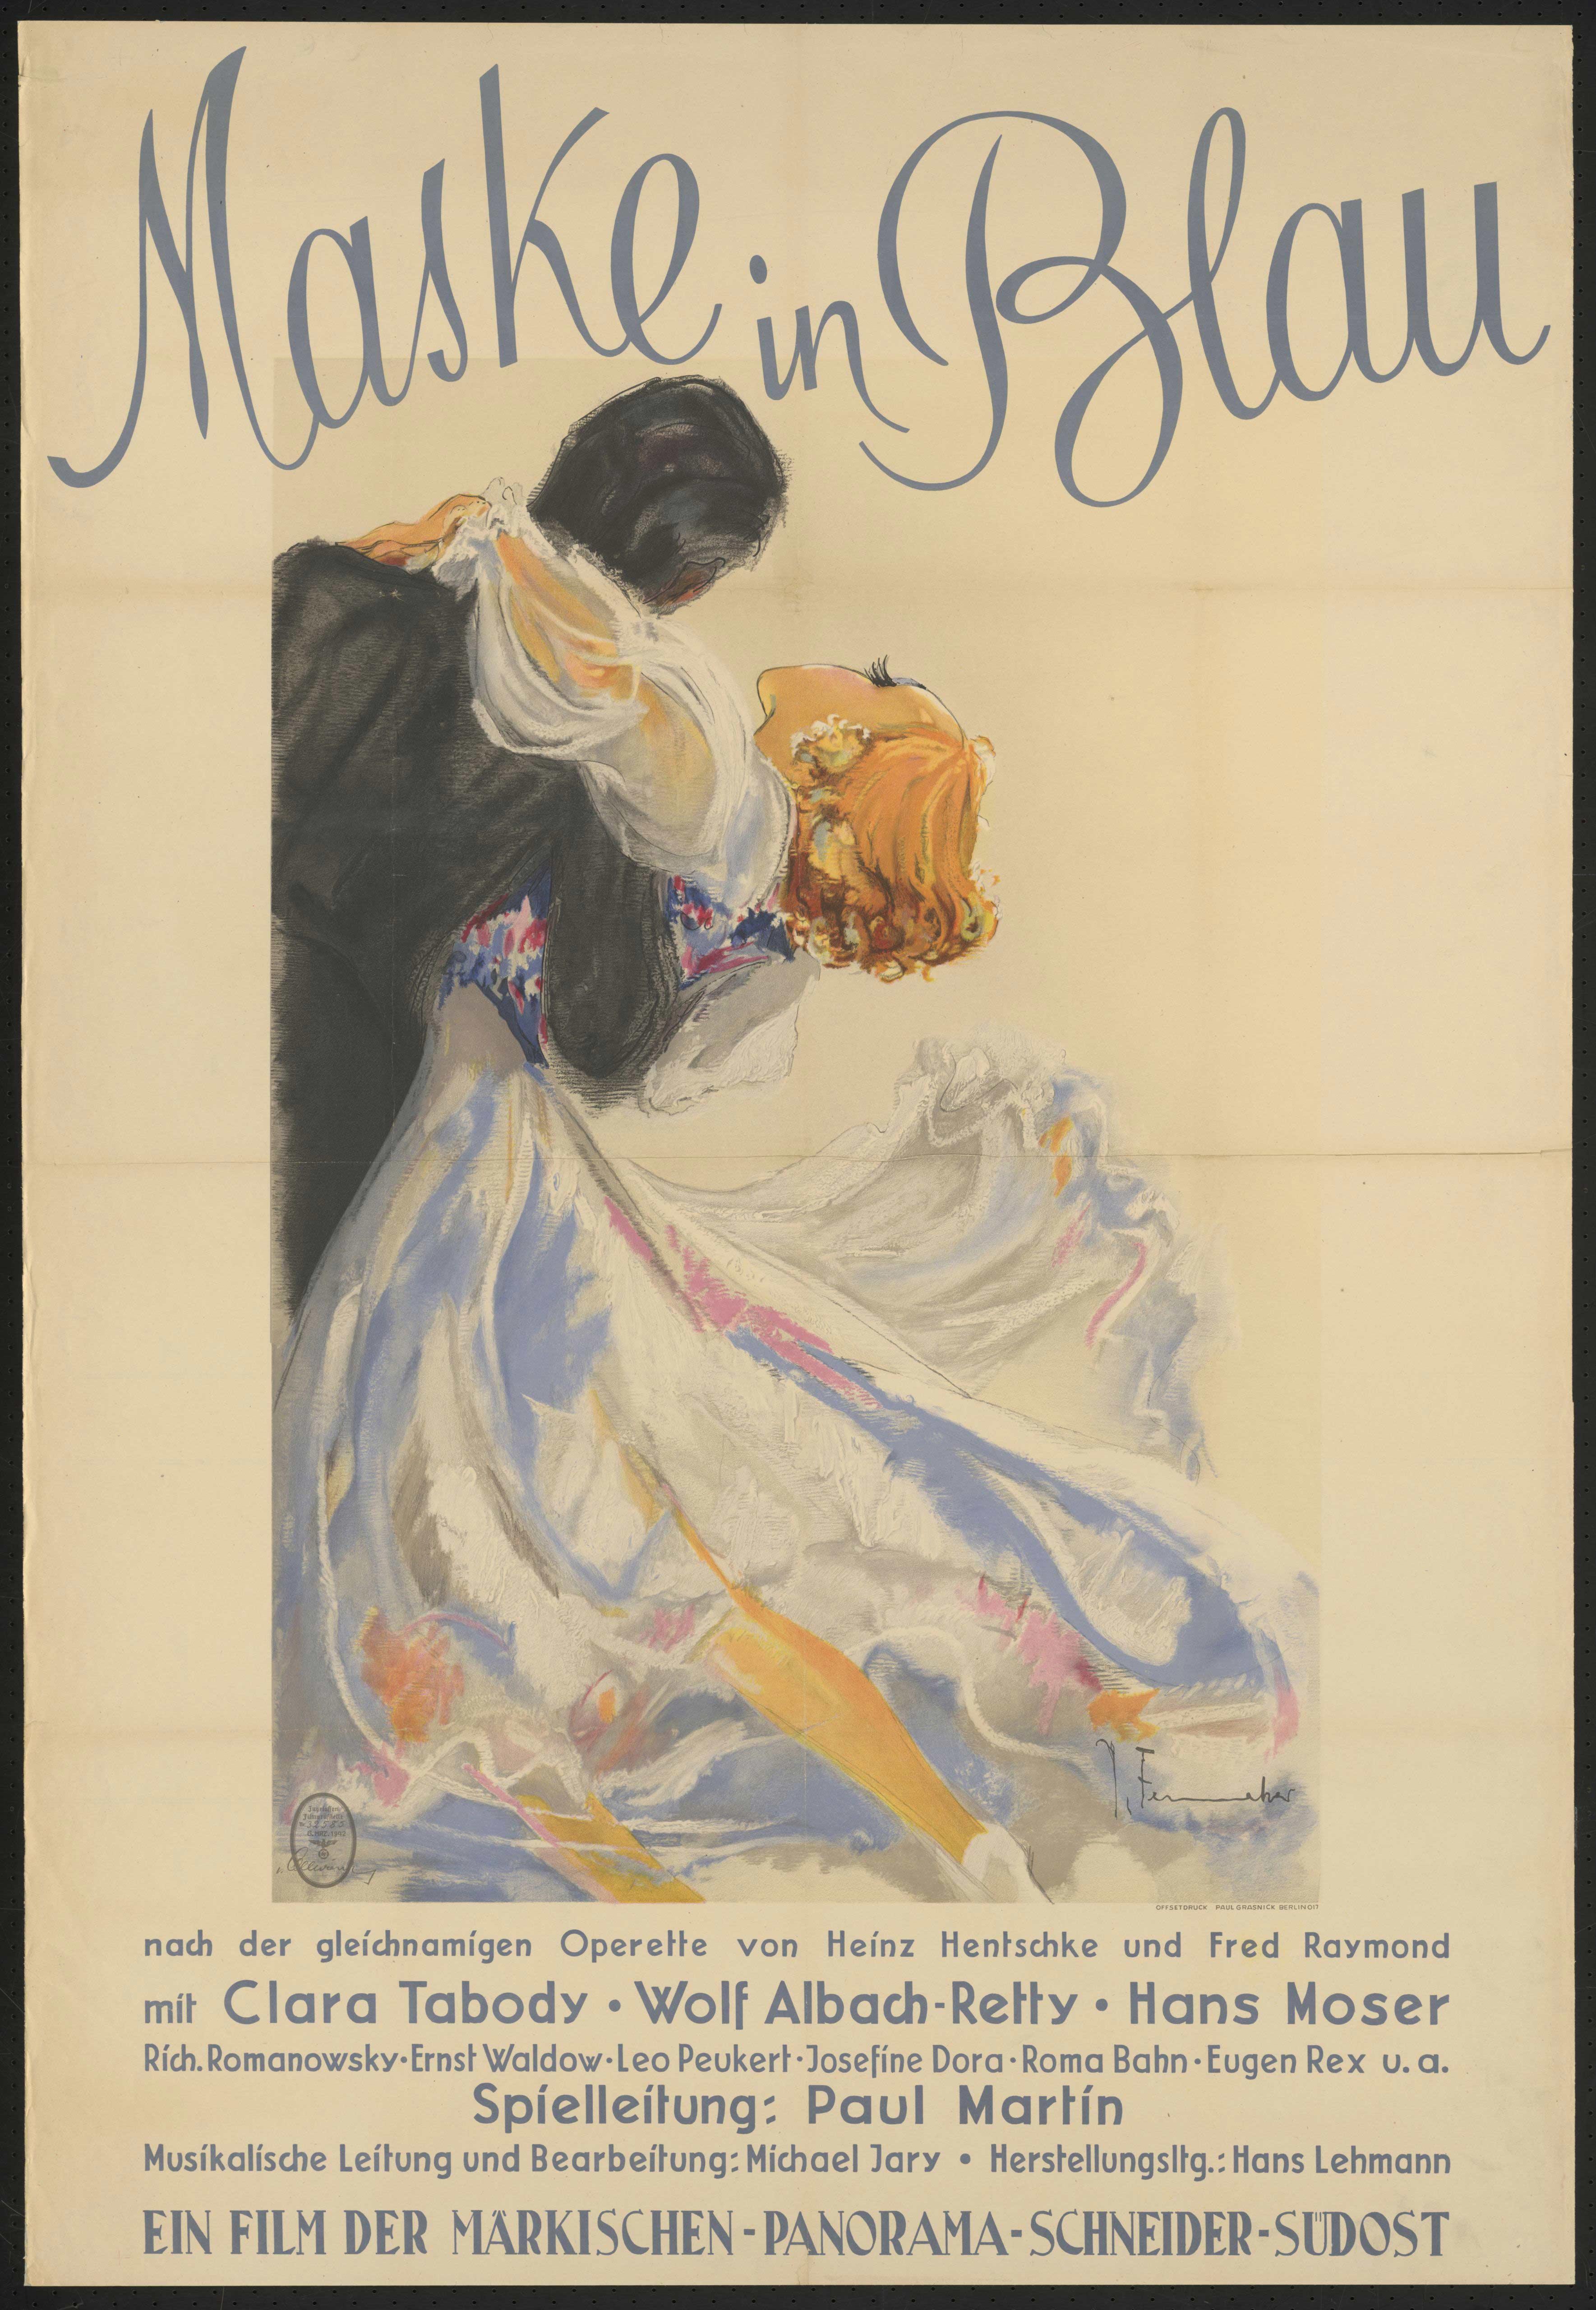 Film poster by Josef Fenneker: Maske in Blau, Germany 1943, directed by Paul Martin